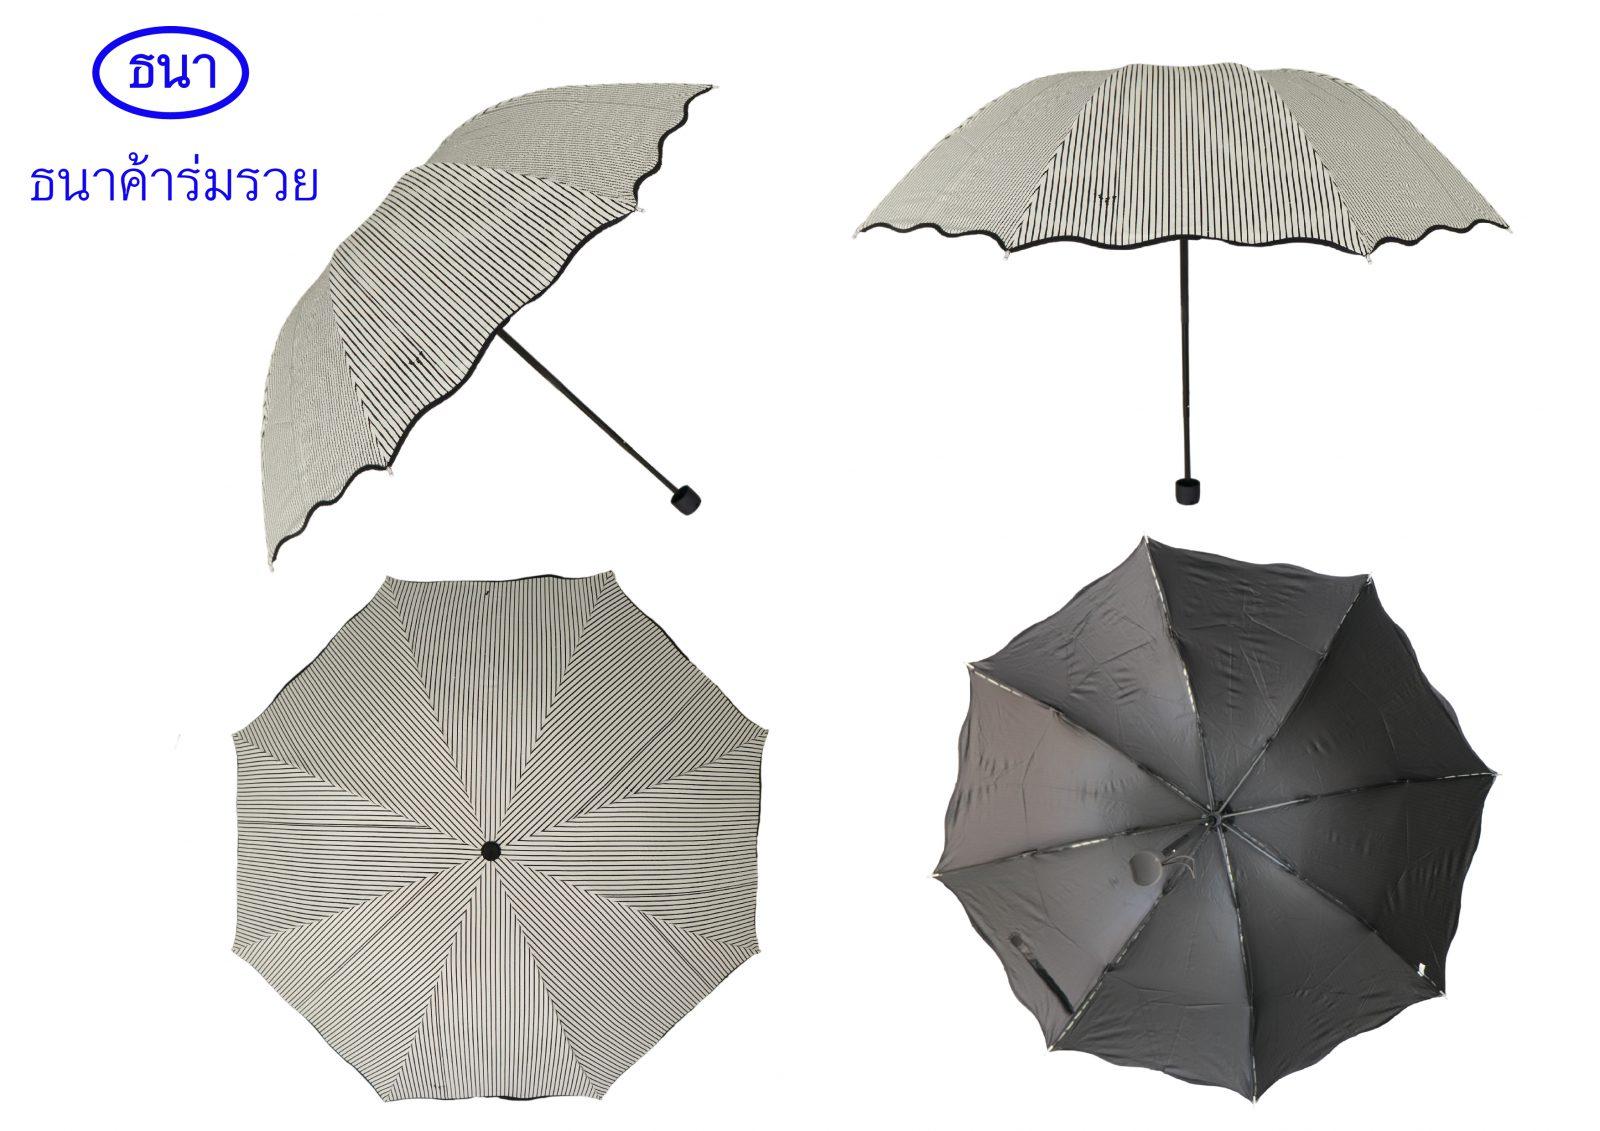 ยืดอายุร่มที่คุณรักได้ง่ายๆเพียงแค่ใช้ถูกวิธี